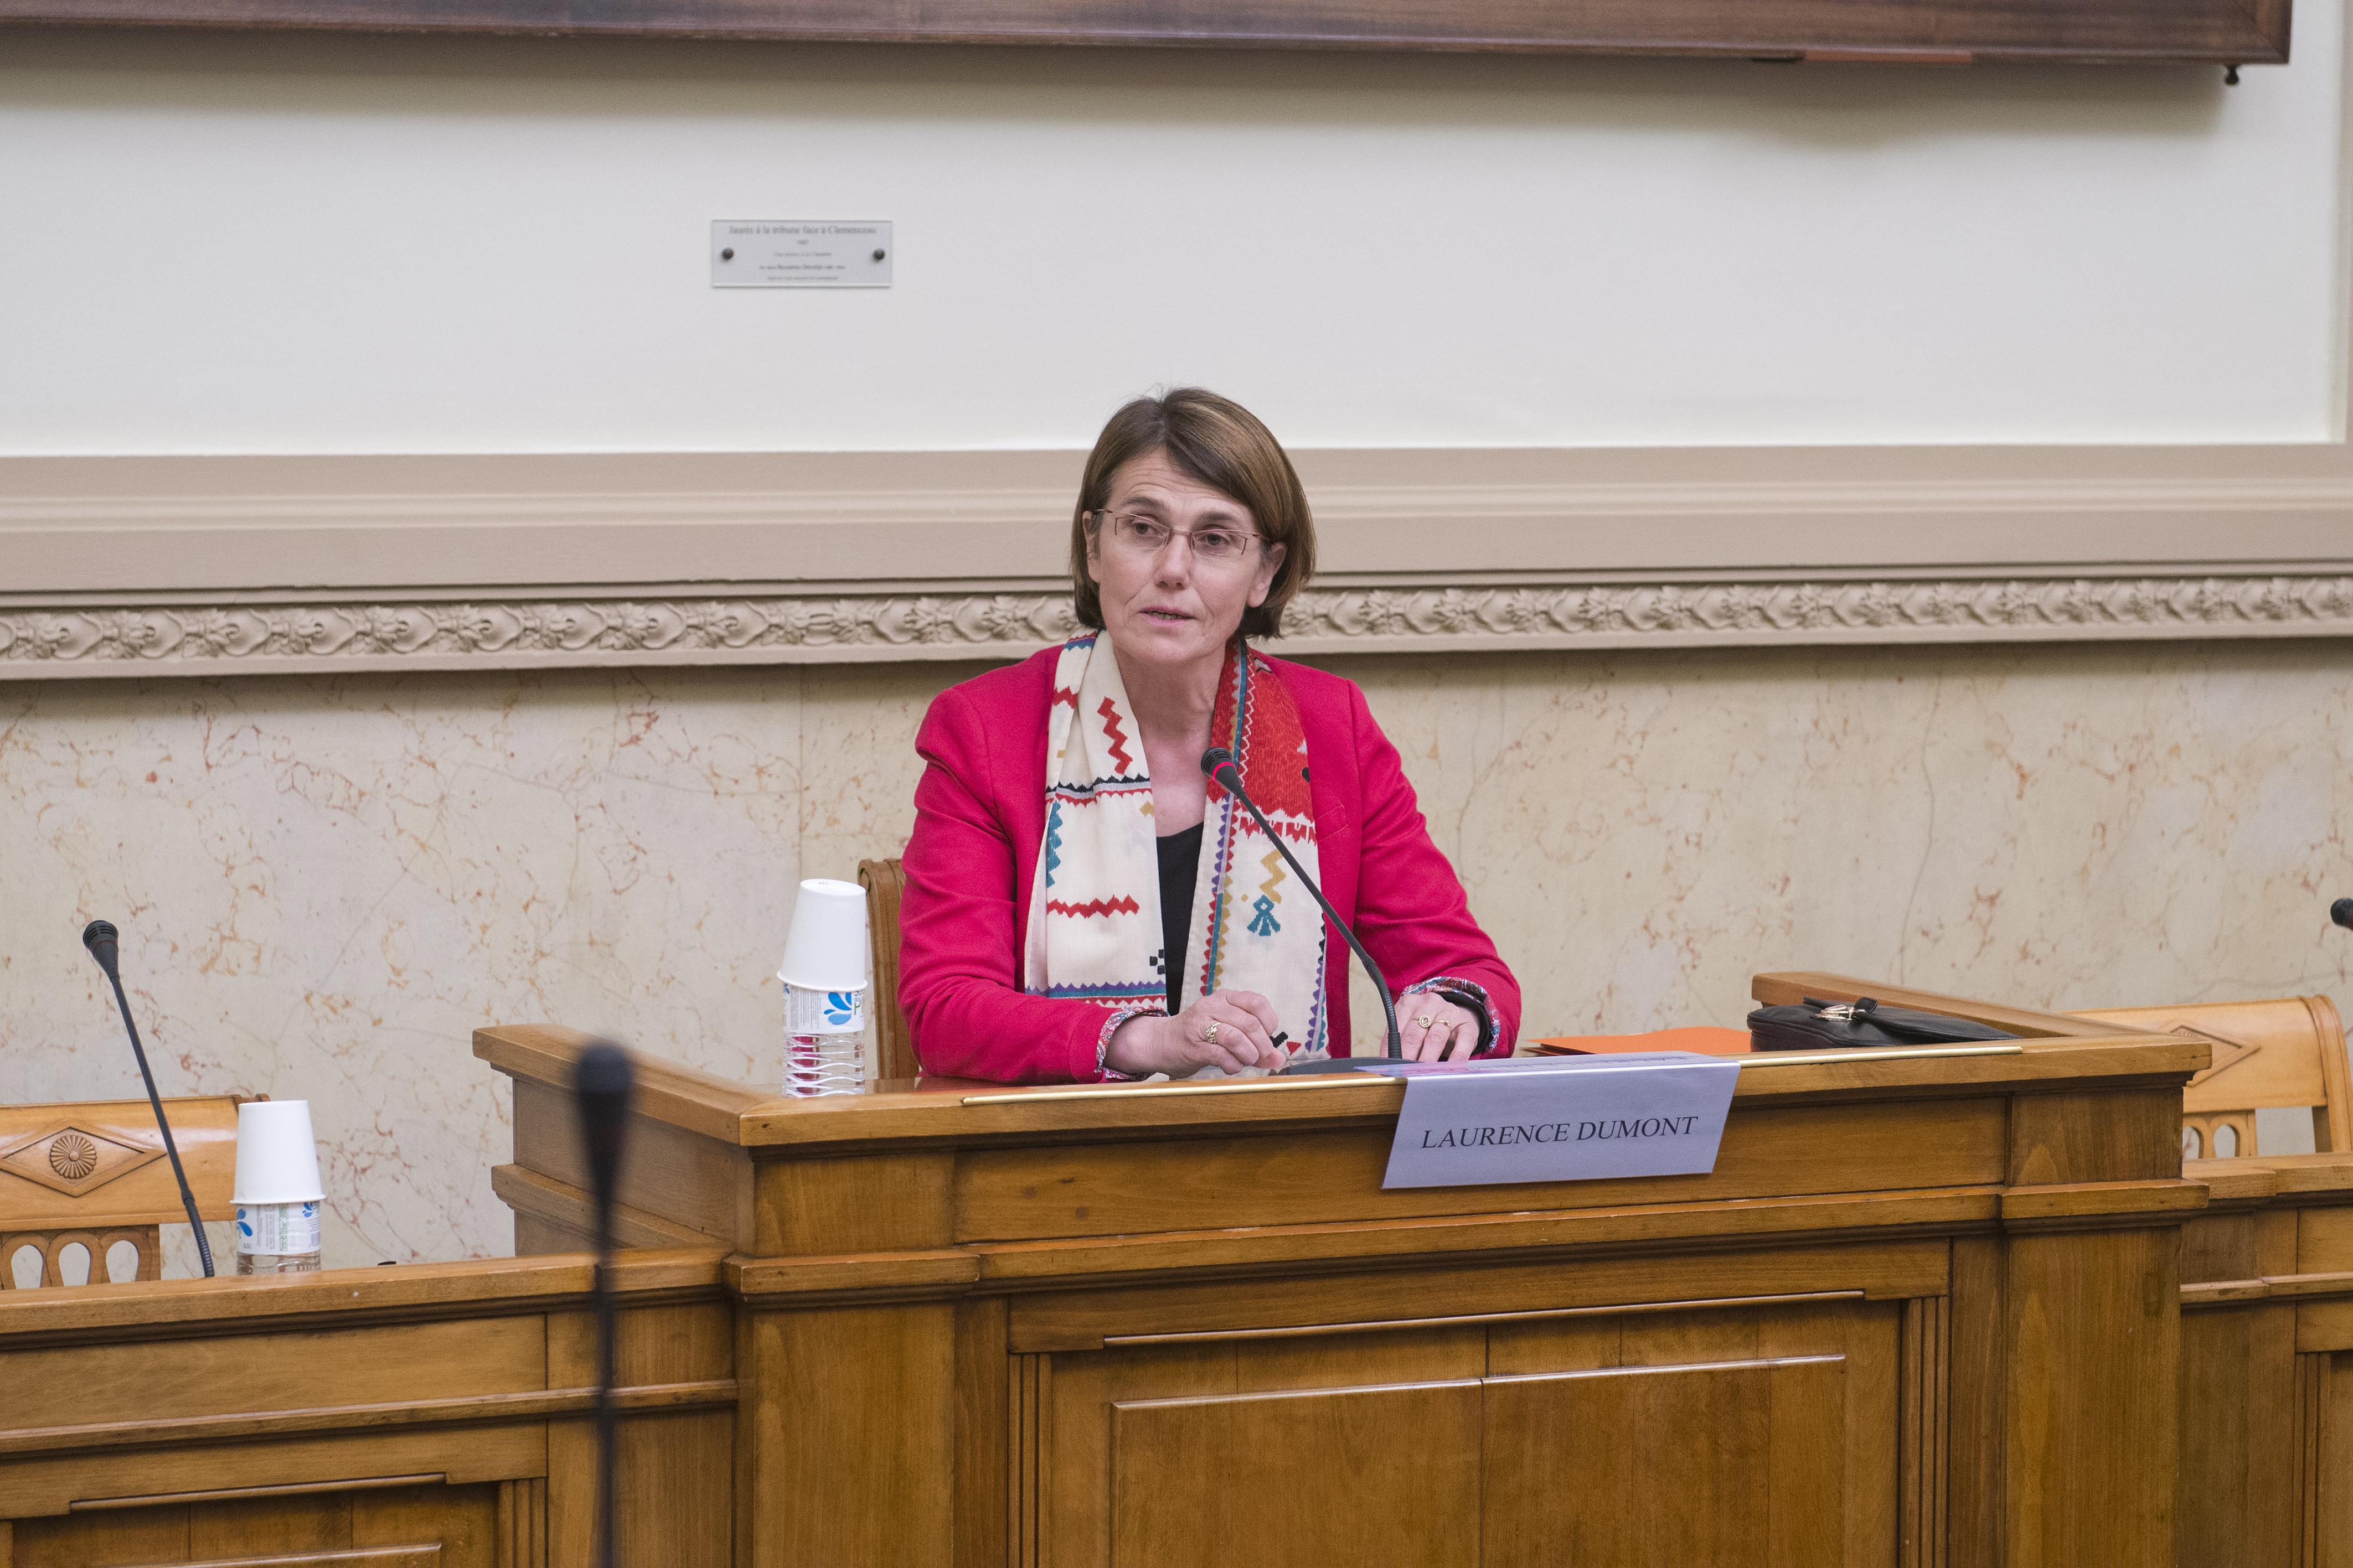 """08/04/2015: Colloque de l'APF """"enfants sans identité"""" Mme Laurence Dumont, M. Jean-Pierre Dufau, Mme Elisabteh Jean, M. Robert Badinter"""